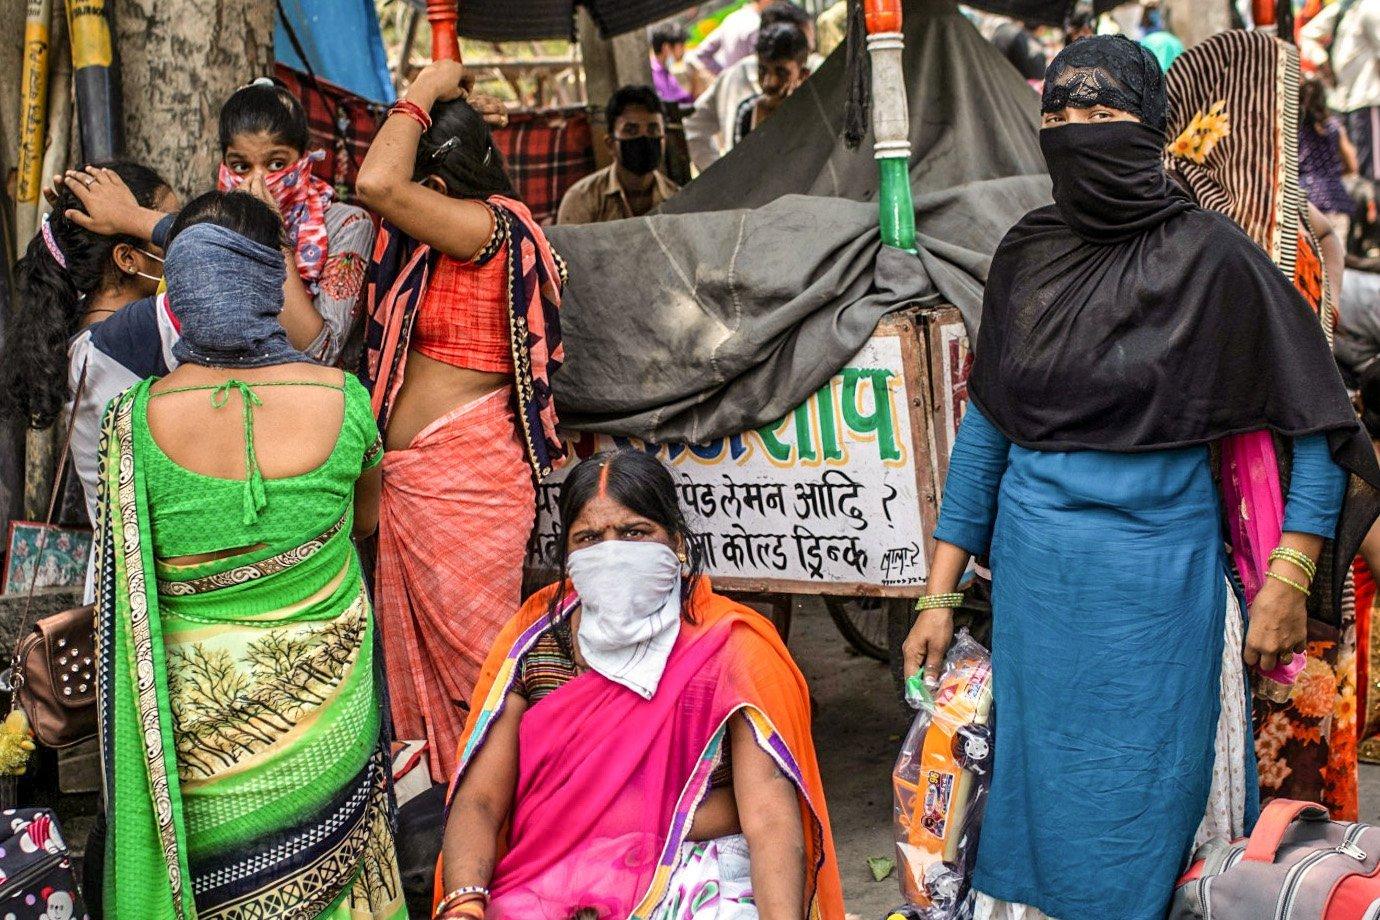 Com 1,3 bi de habitantes, a Índia será o novo epicentro do ...